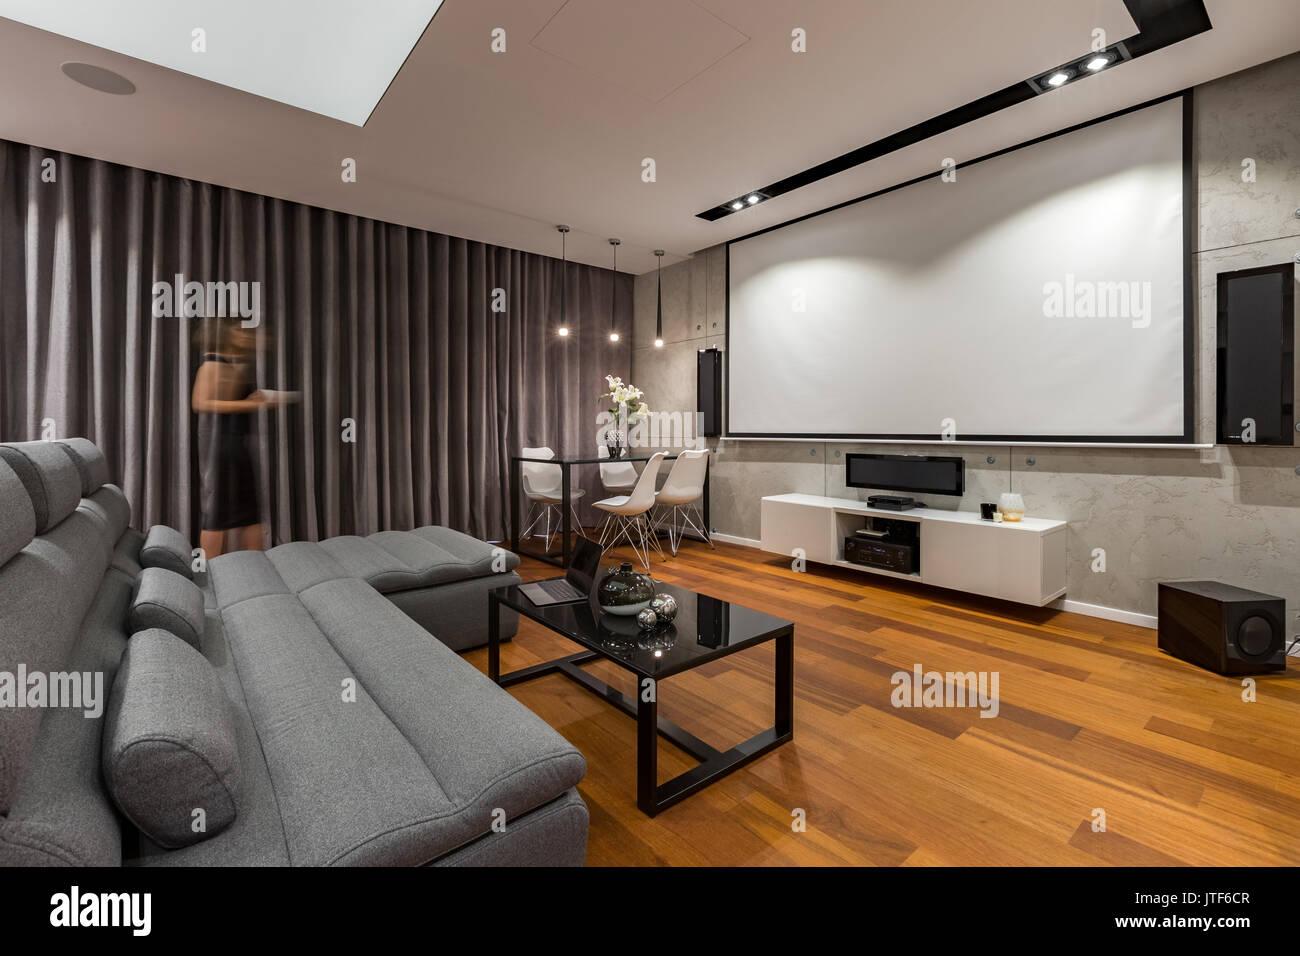 Wohnzimmer mit Leinwand, grau Couch und Couchtisch schwarz ...